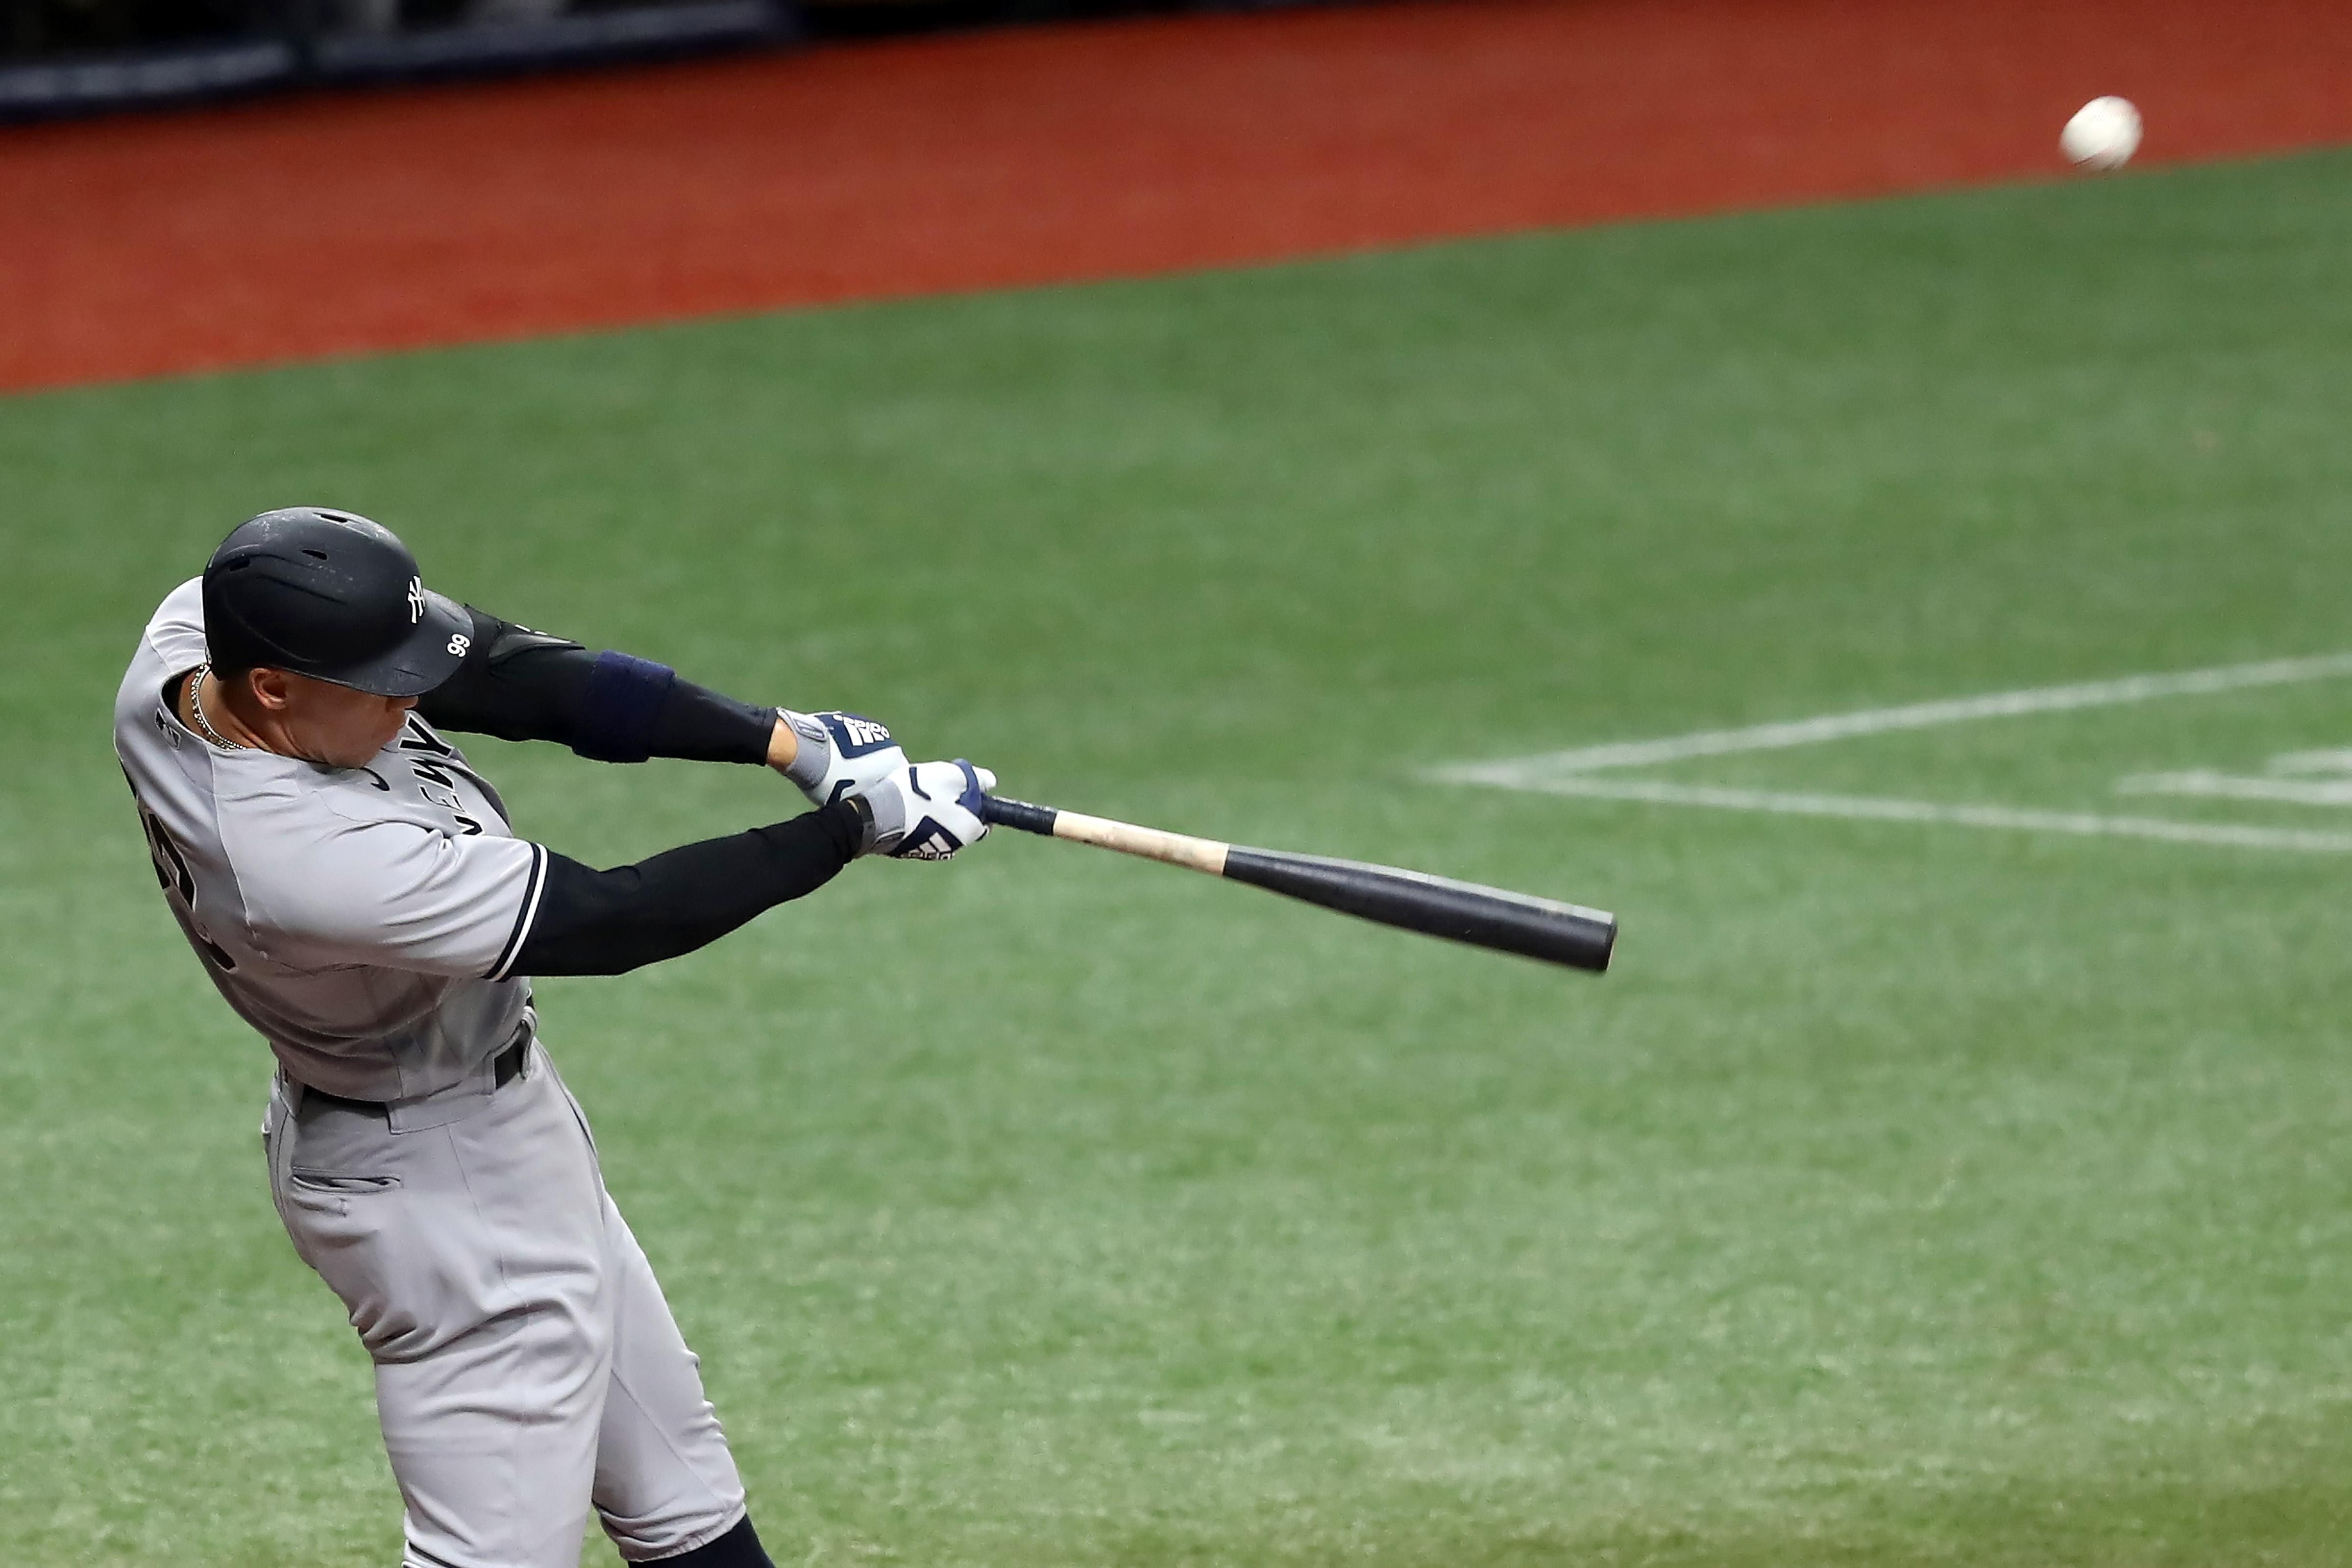 MLB: MAY 13 Yankees at Rays